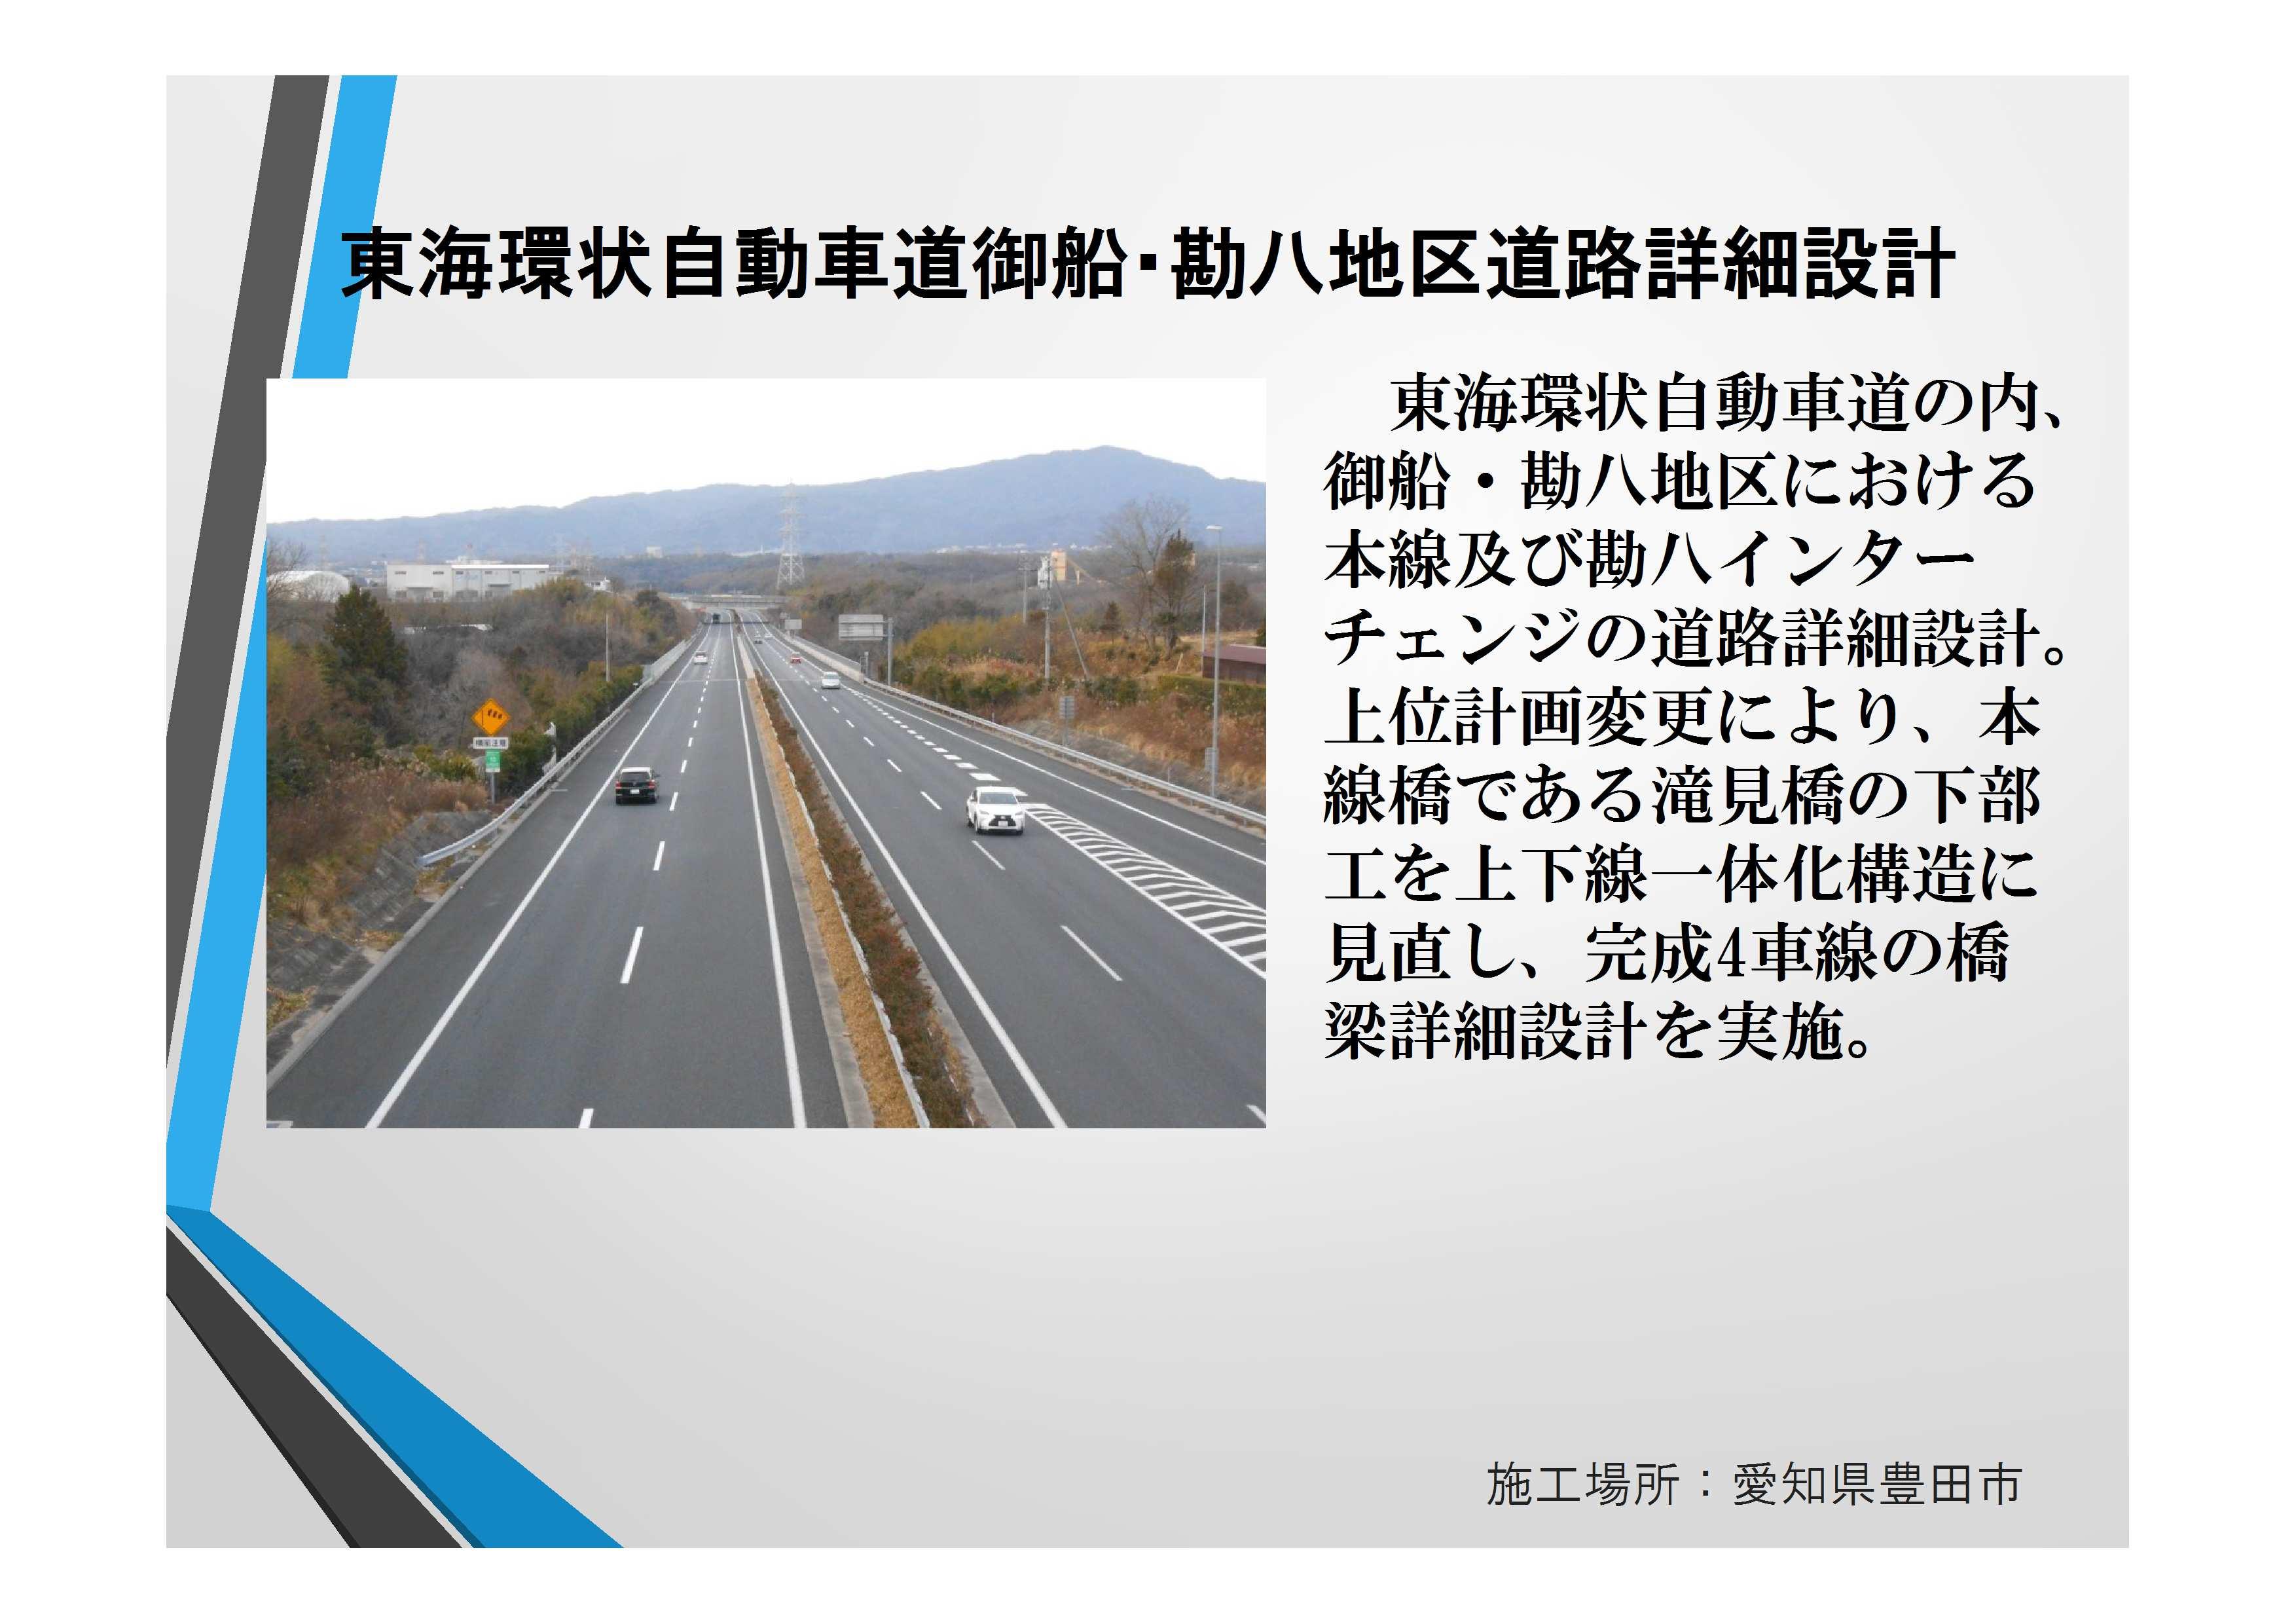 11-031 東海環状道路(勘八)